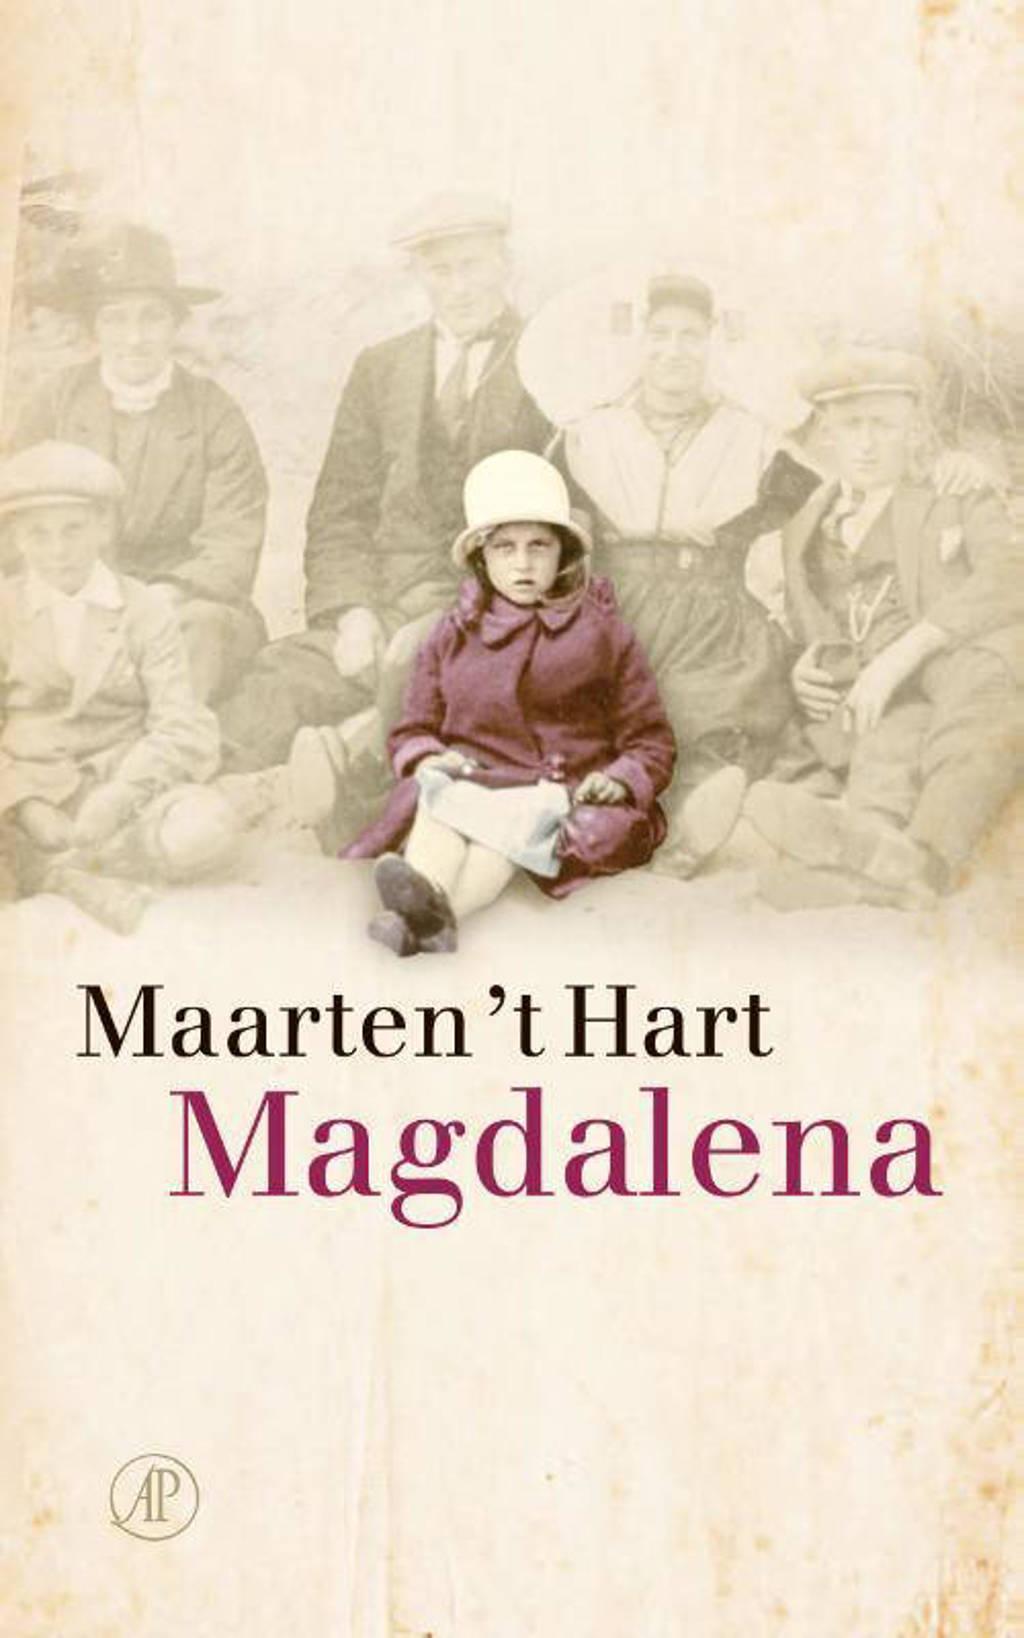 Magdalena - Maarten 't Hart